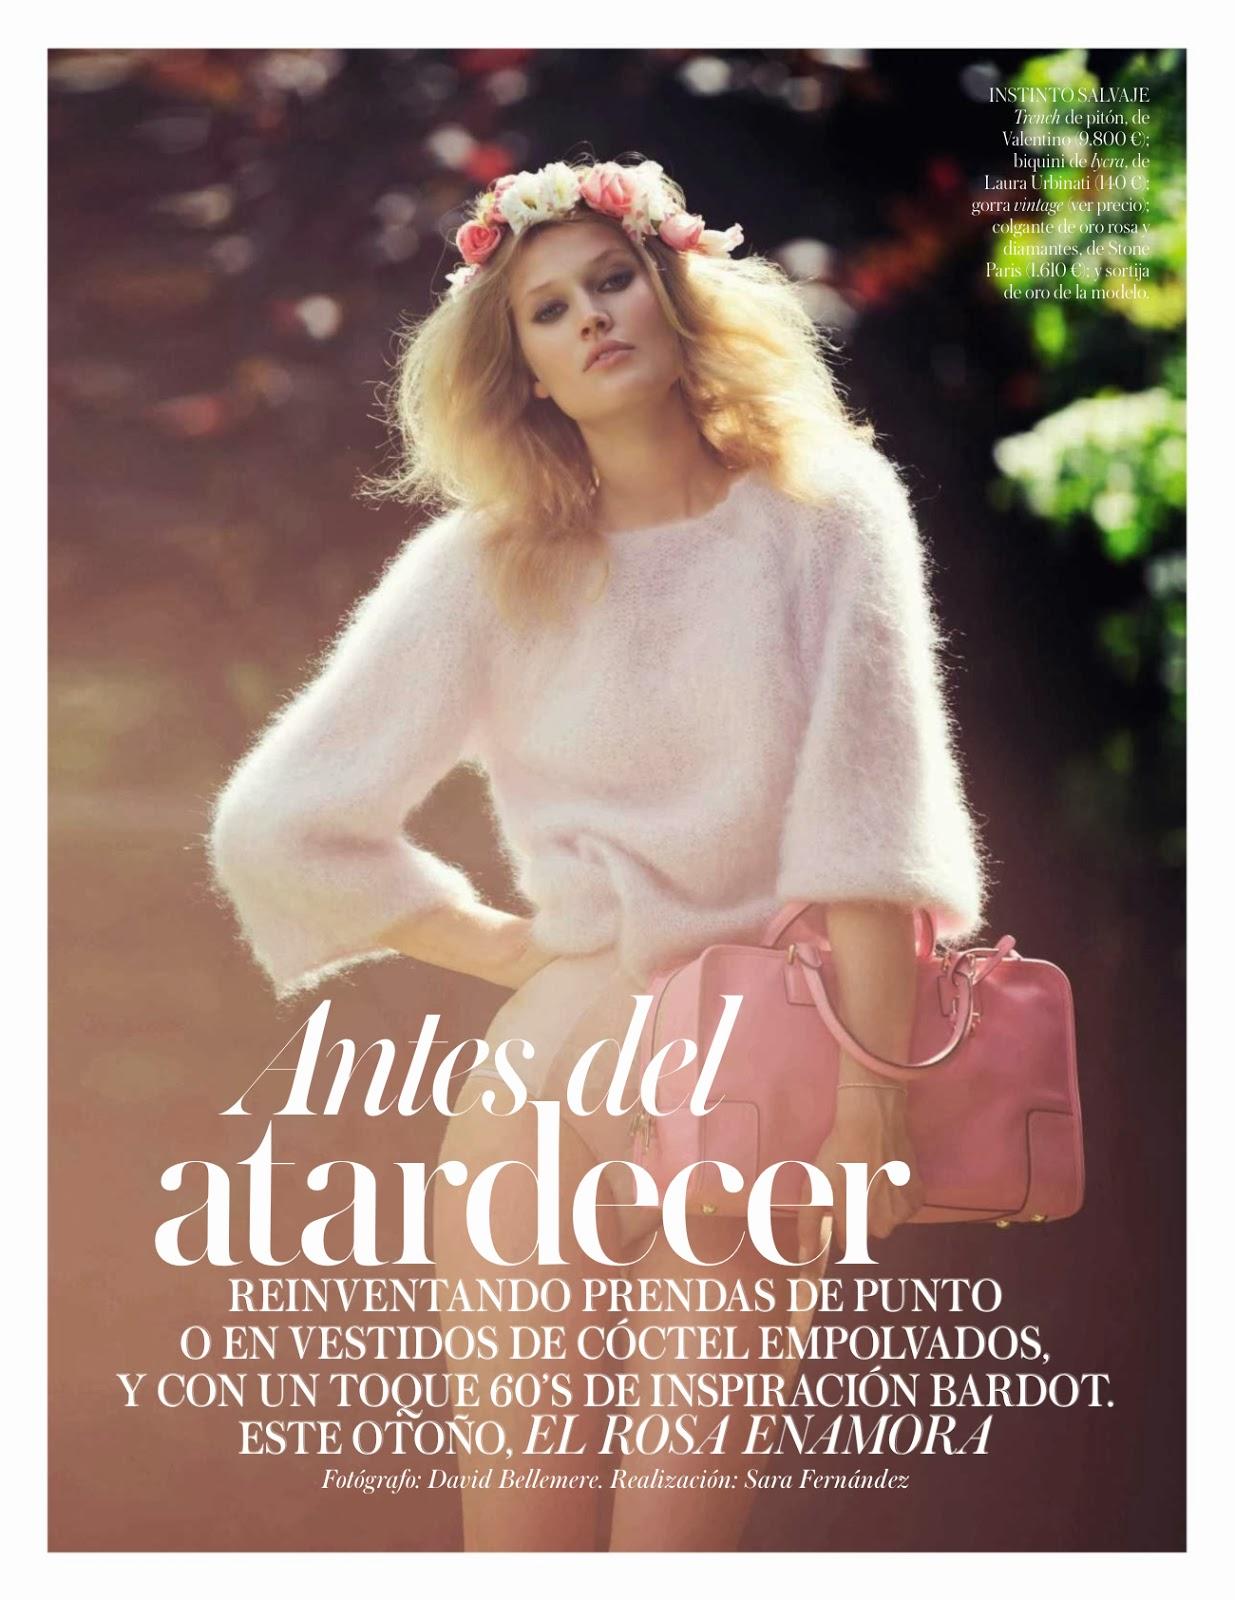 Toni Garrn by David Bellemere for Vogue Spain October 2013 5